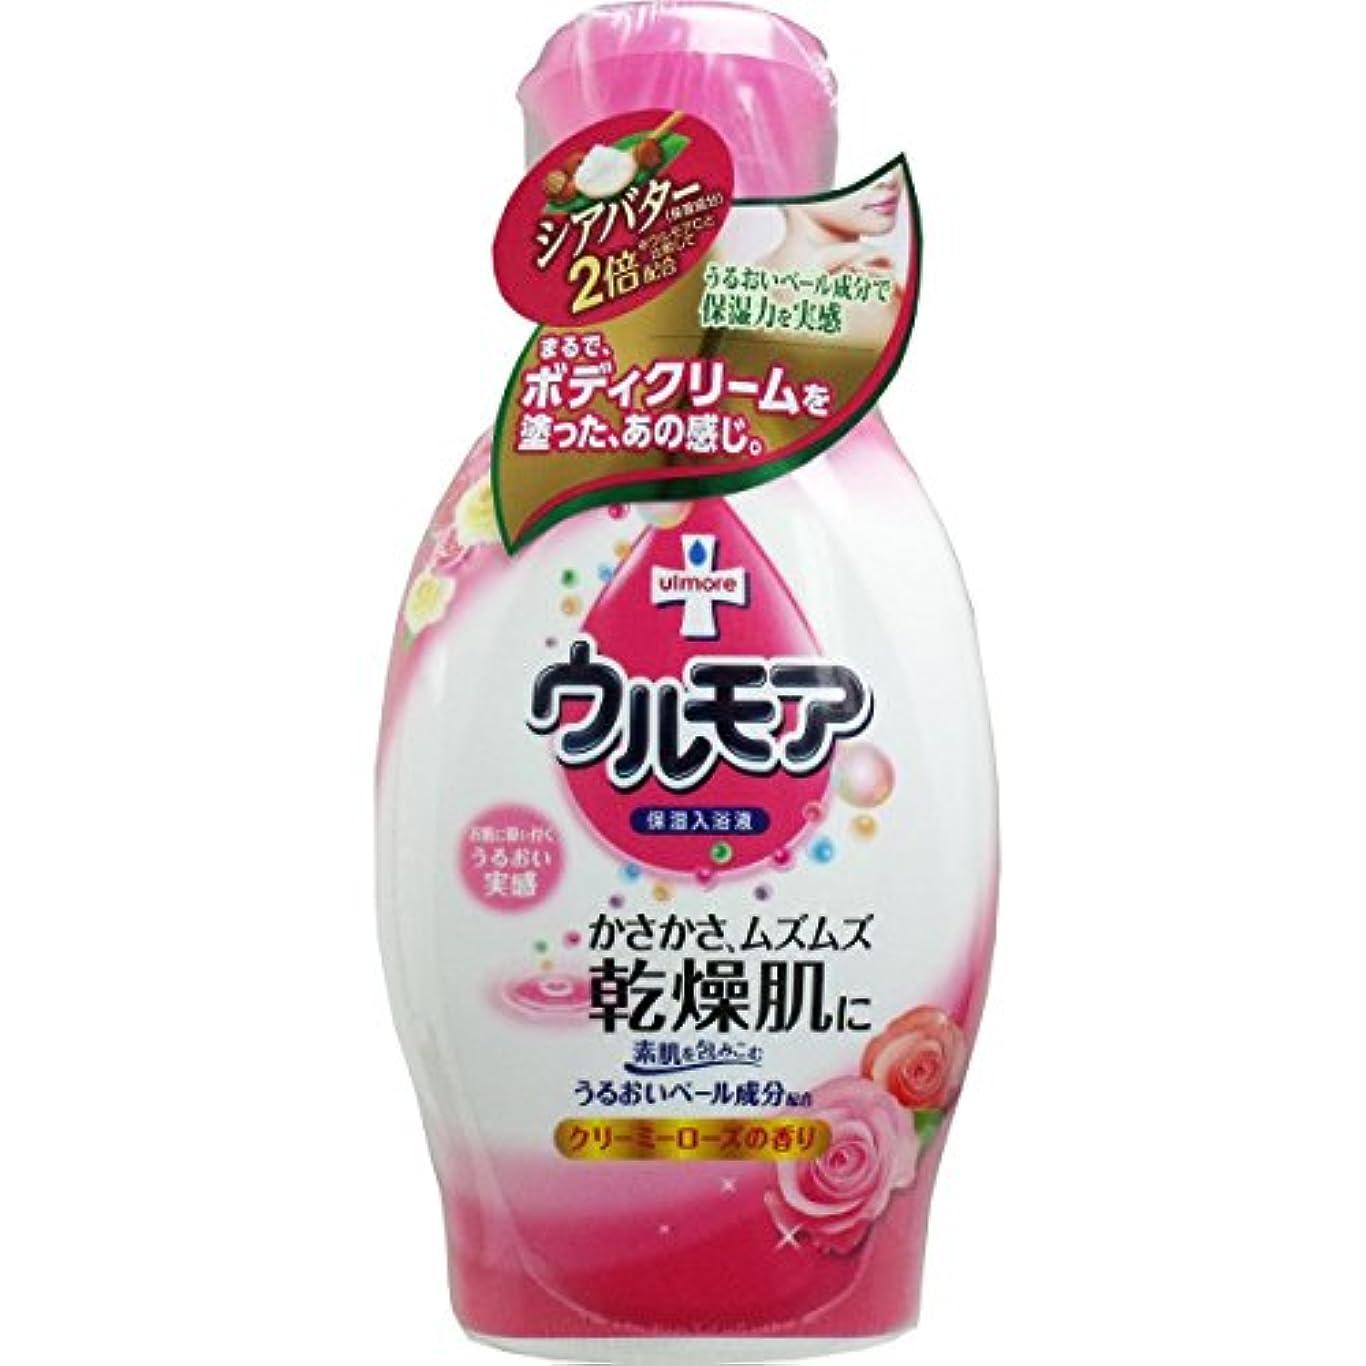 じゃがいも回転させる納得させる【アース製薬】保湿入浴液ウルモアクリーミーローズの香り 600ml ×3個セット